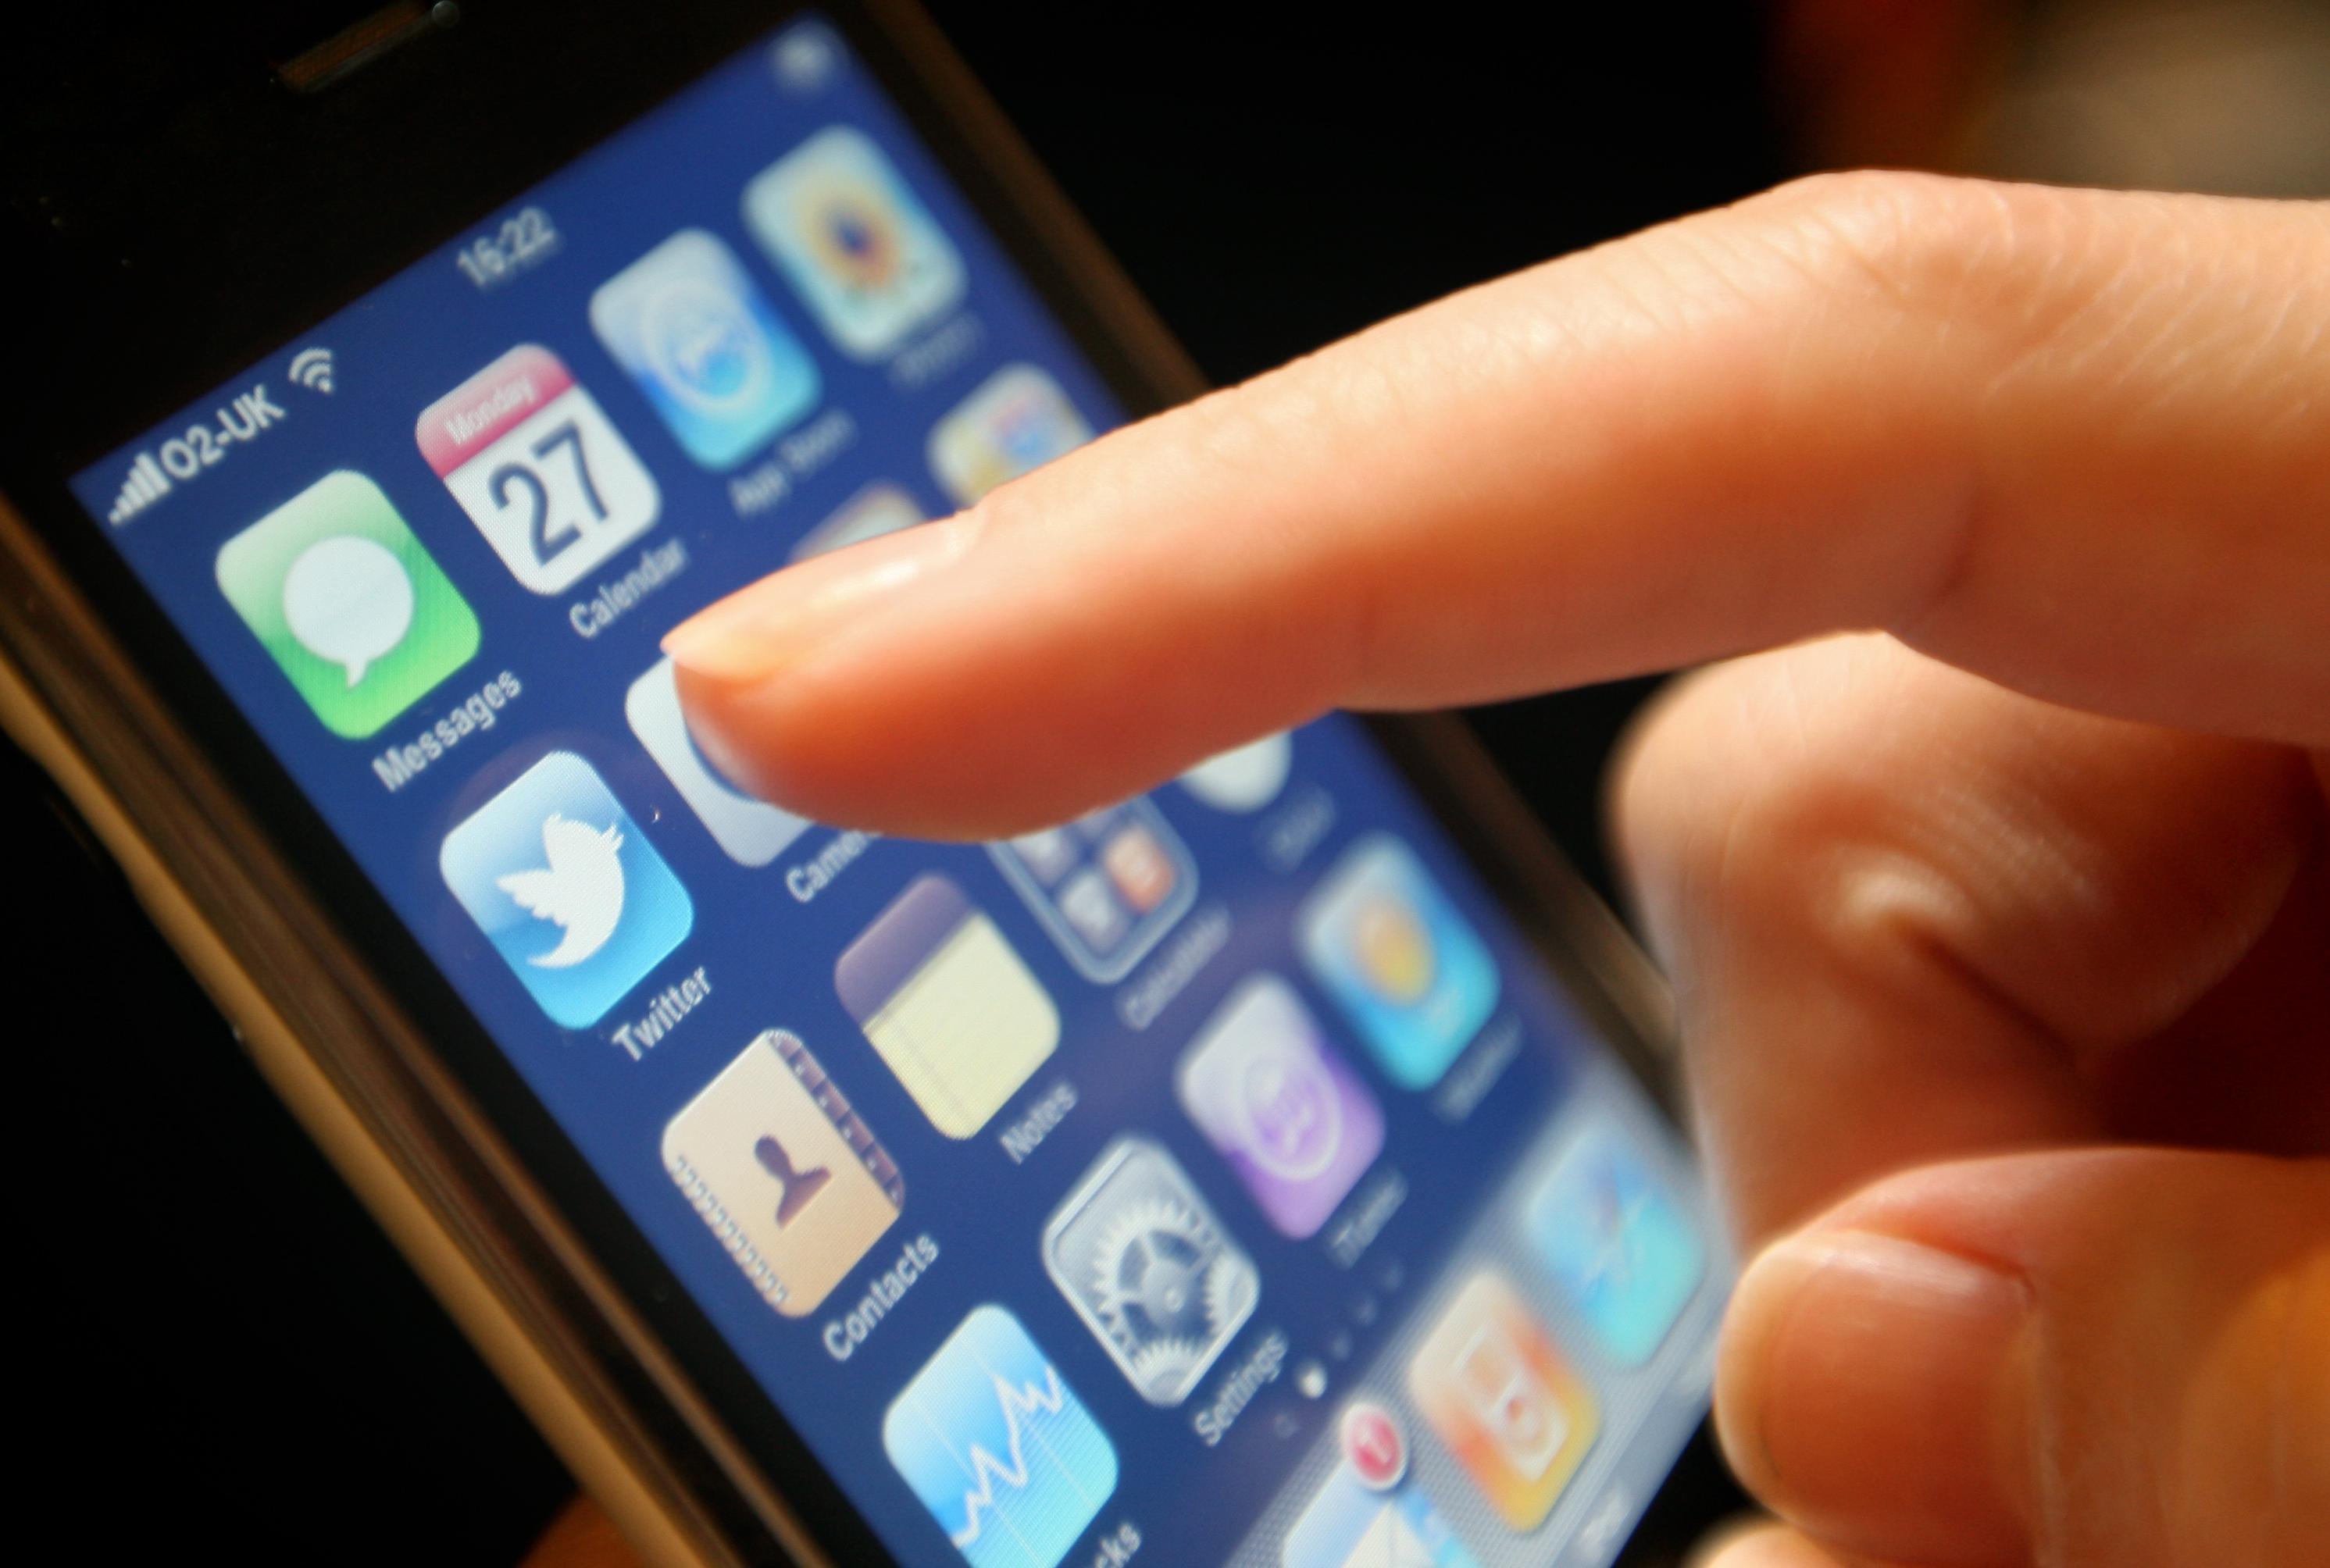 Come realizzare una campagna di comunicazione politica mobile friendly